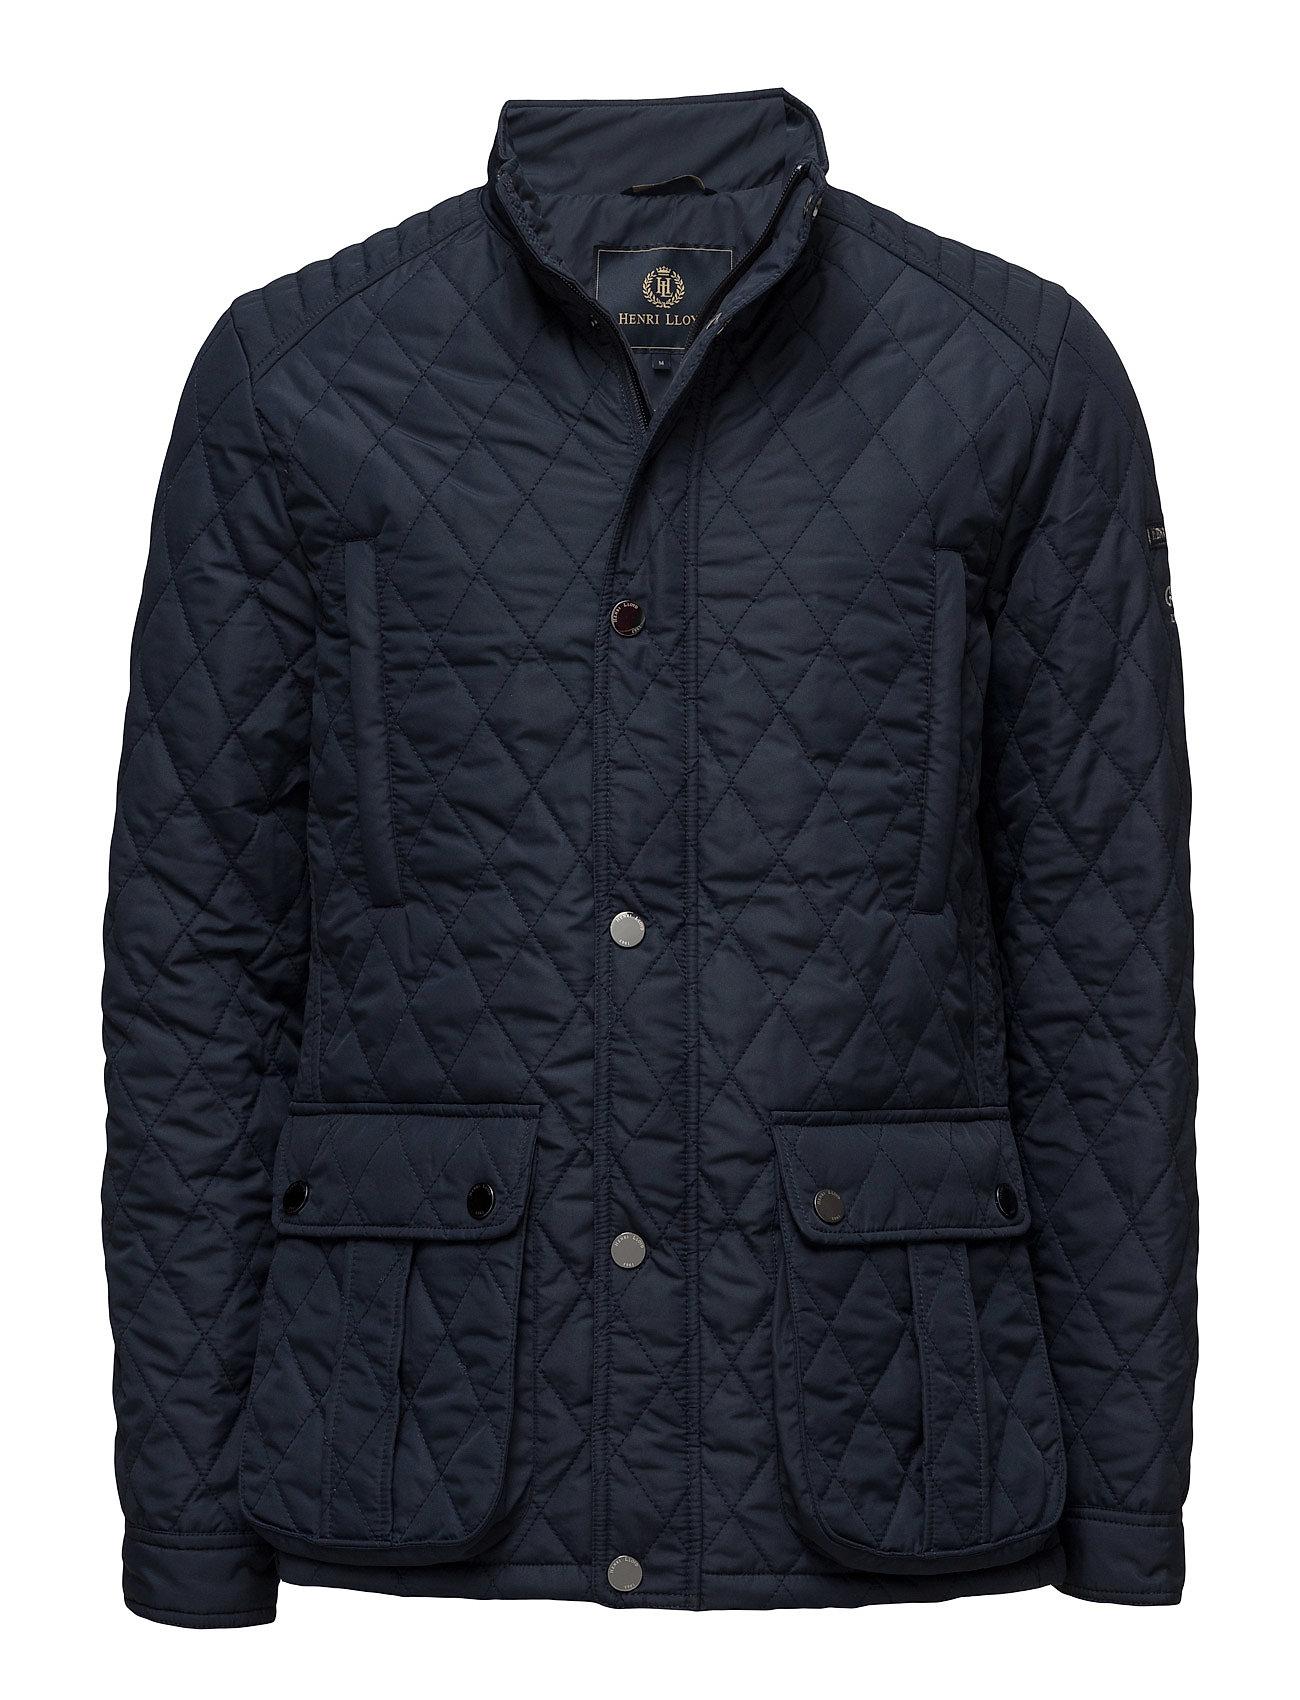 24554a94474d Handla kläder och mode från Henri Lloyd, Lloyd online: City Consort ...